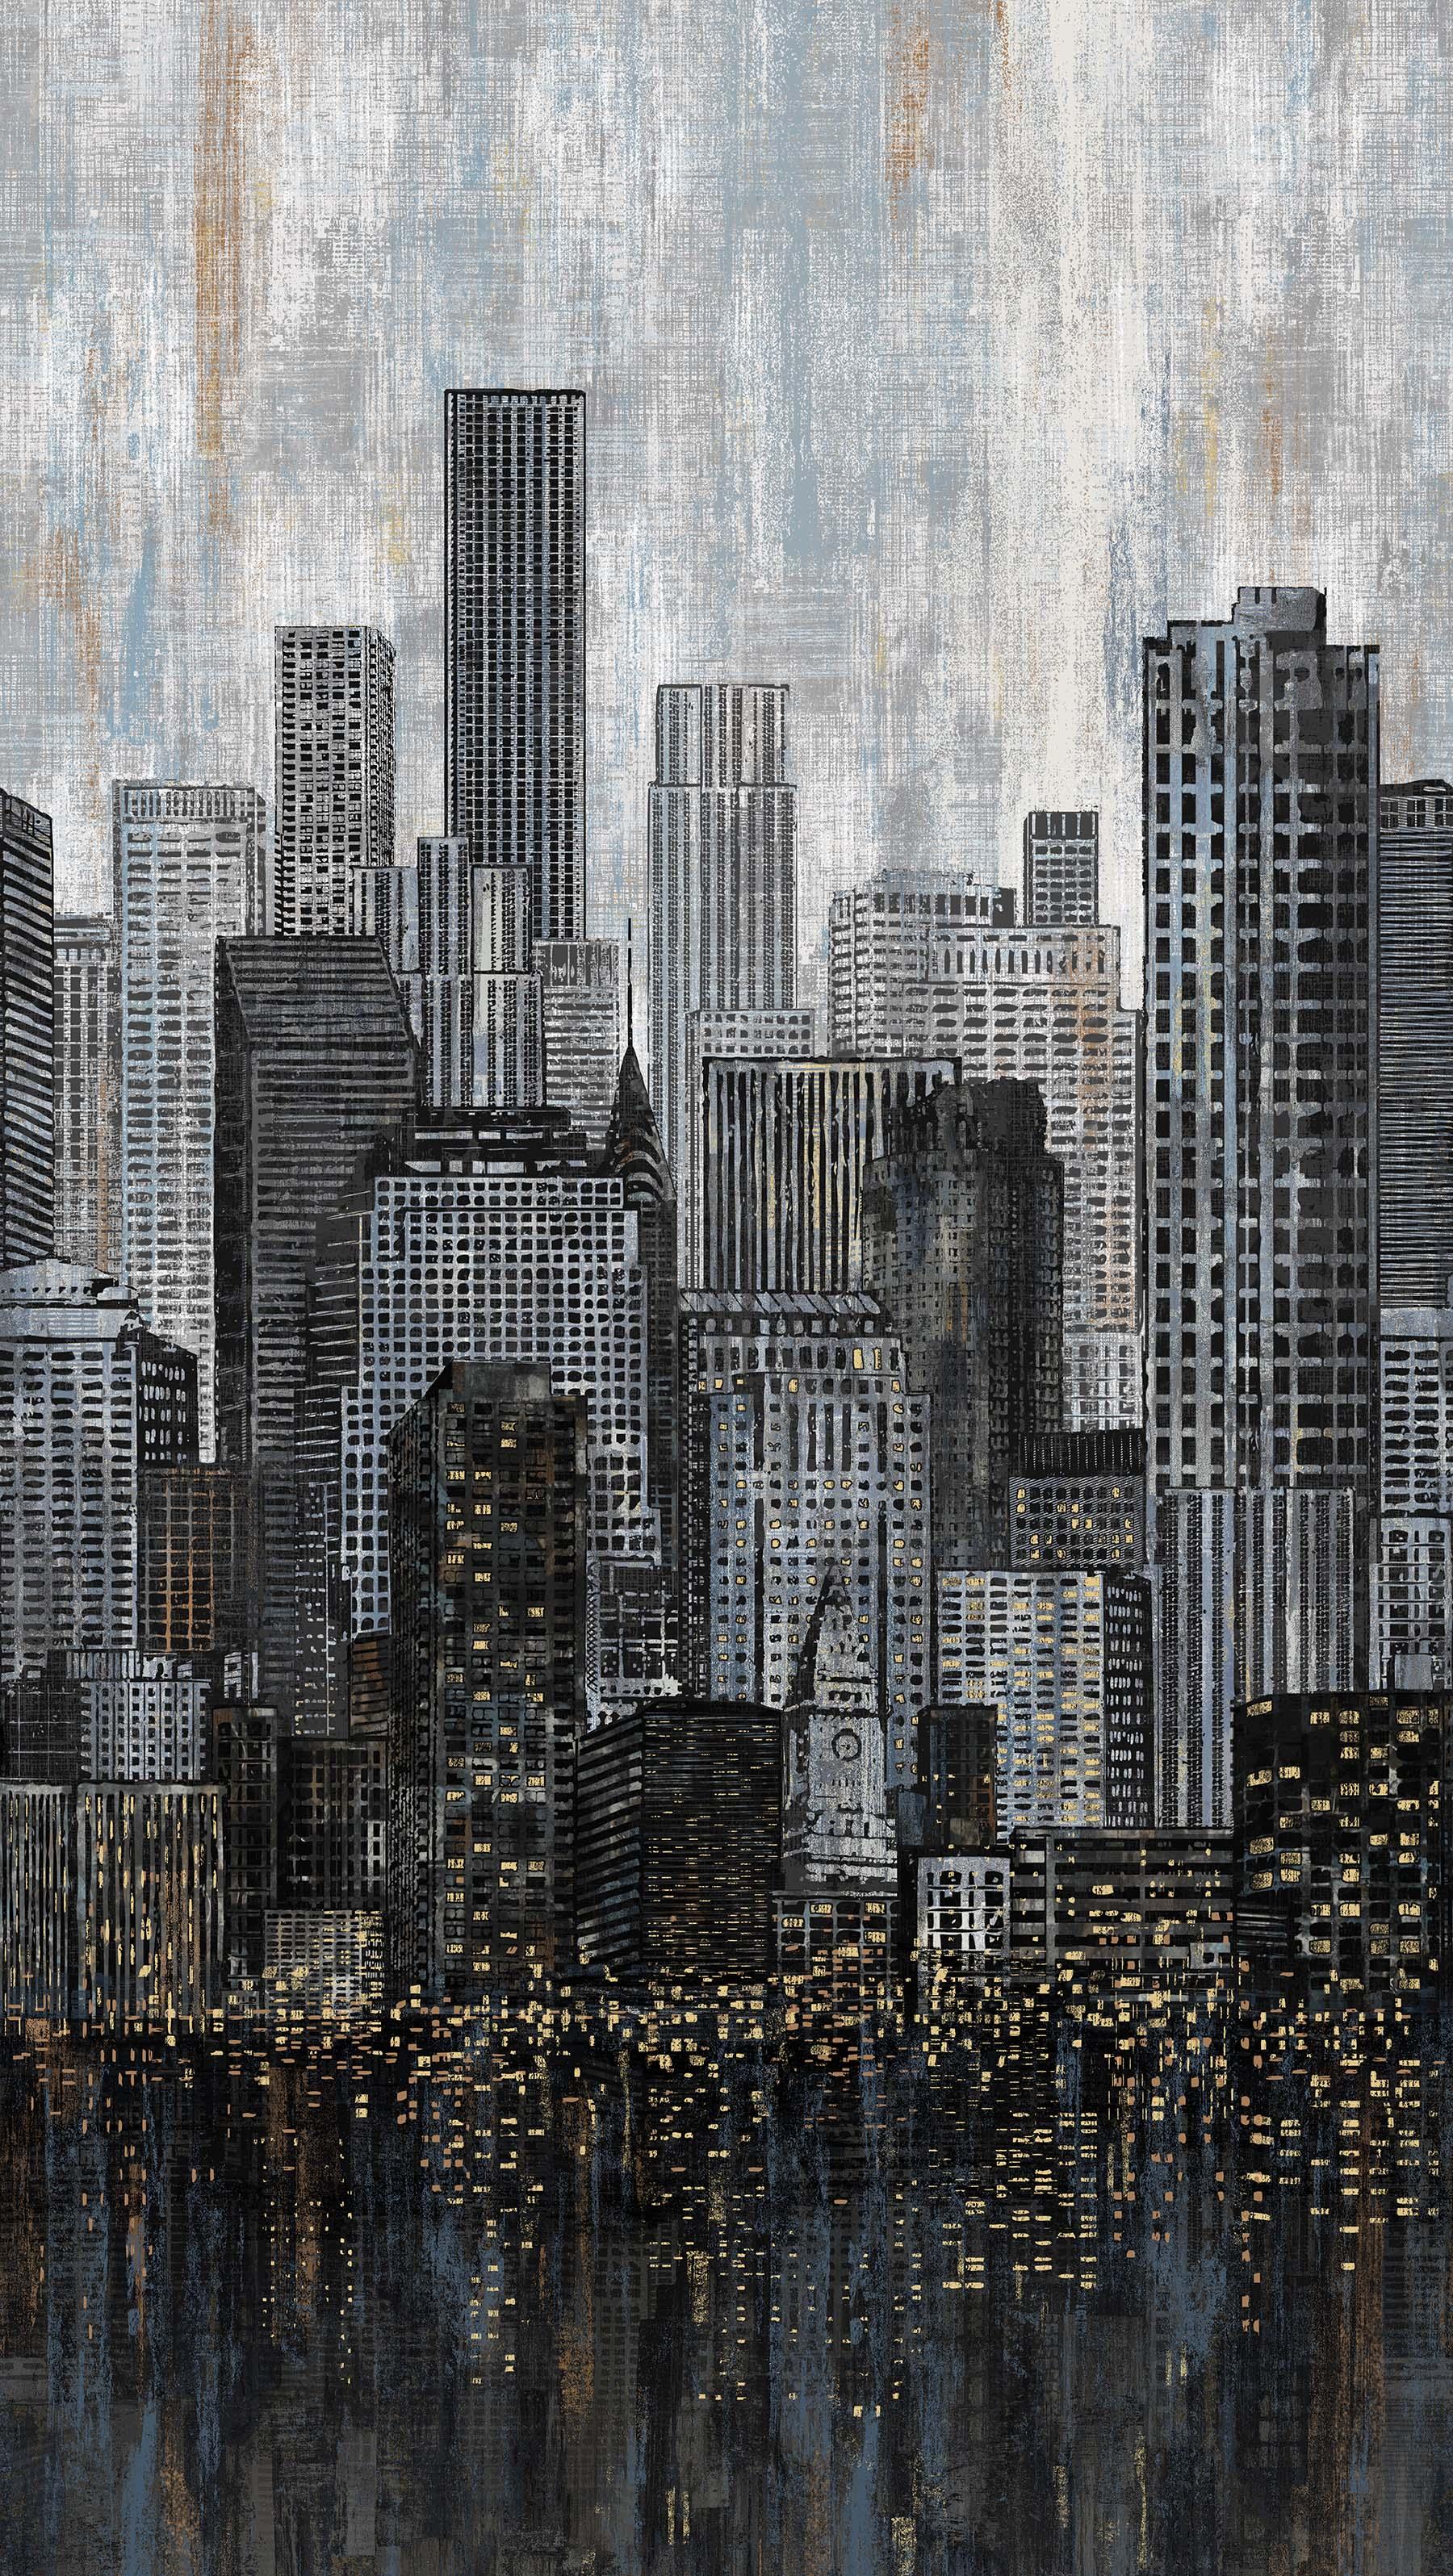 CITY LIGHTS 23956-99